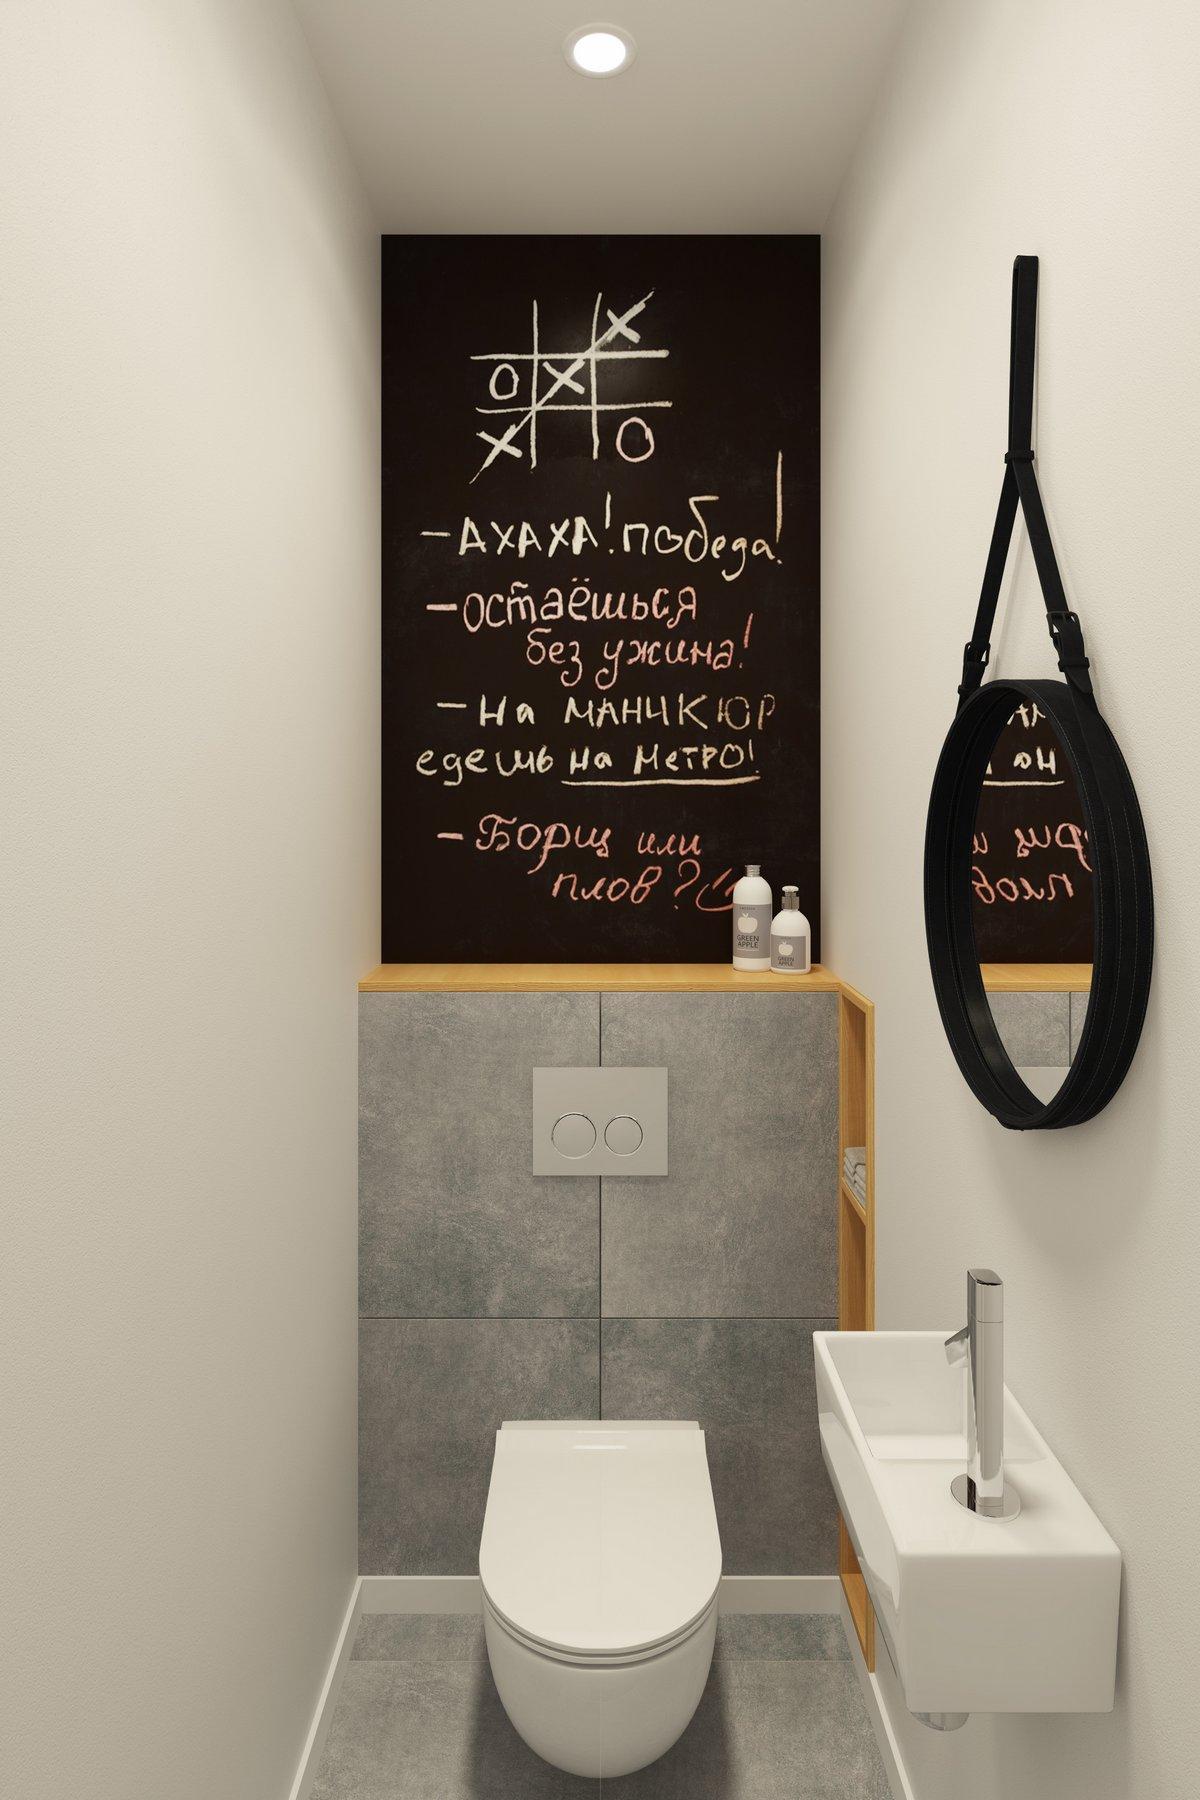 Geometrium, квартира в Химках фото, дизайн интерьера квартиры фото, современный дизайн интерьера фото, дизайн квартиры 70 квадратов